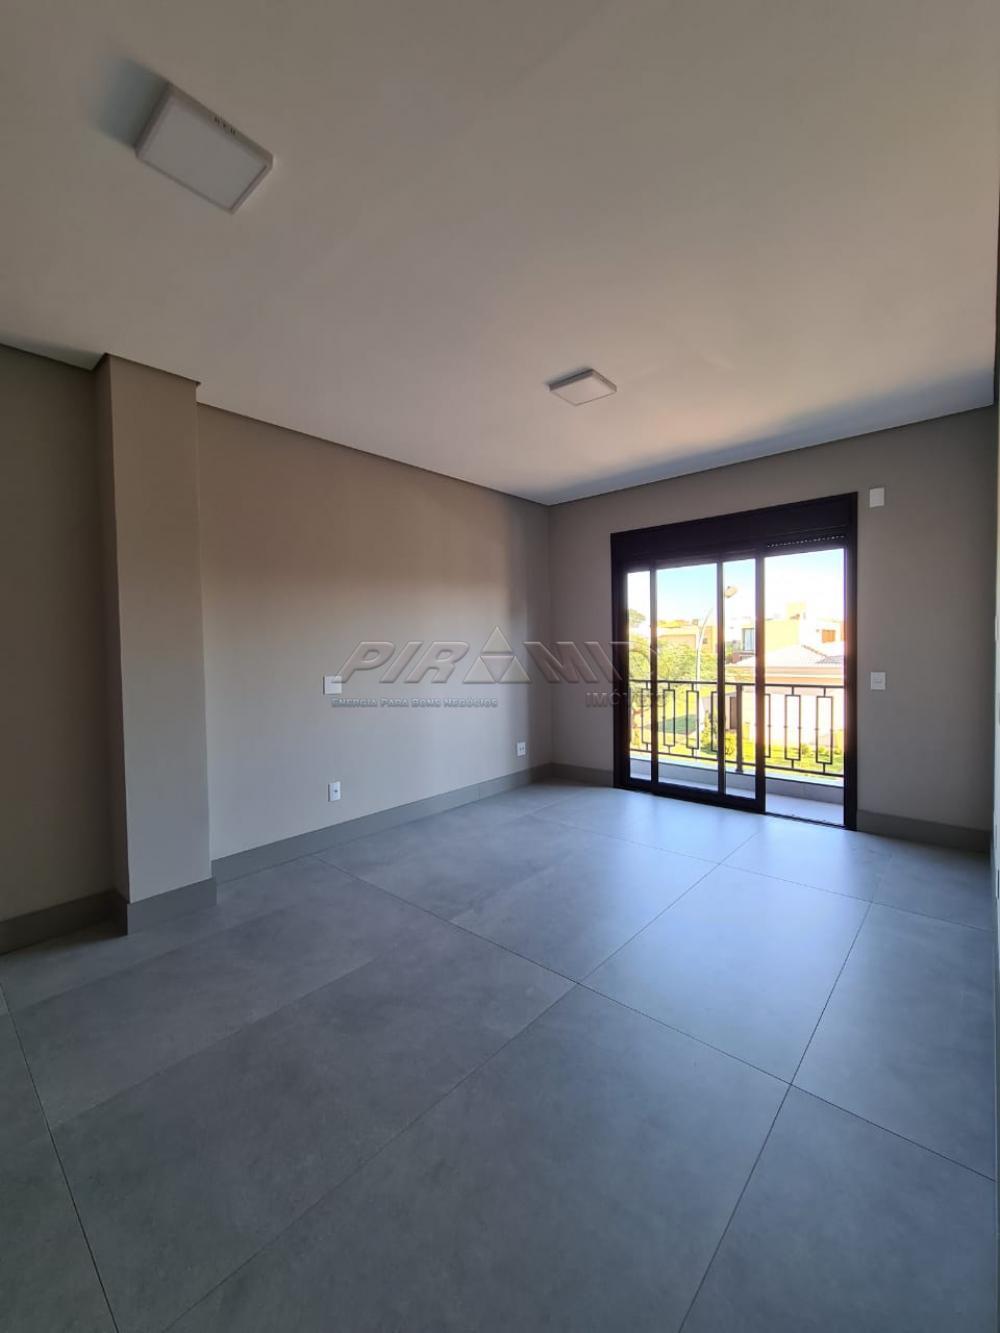 Comprar Casa / Condomínio em Bonfim Paulista R$ 2.900.000,00 - Foto 18